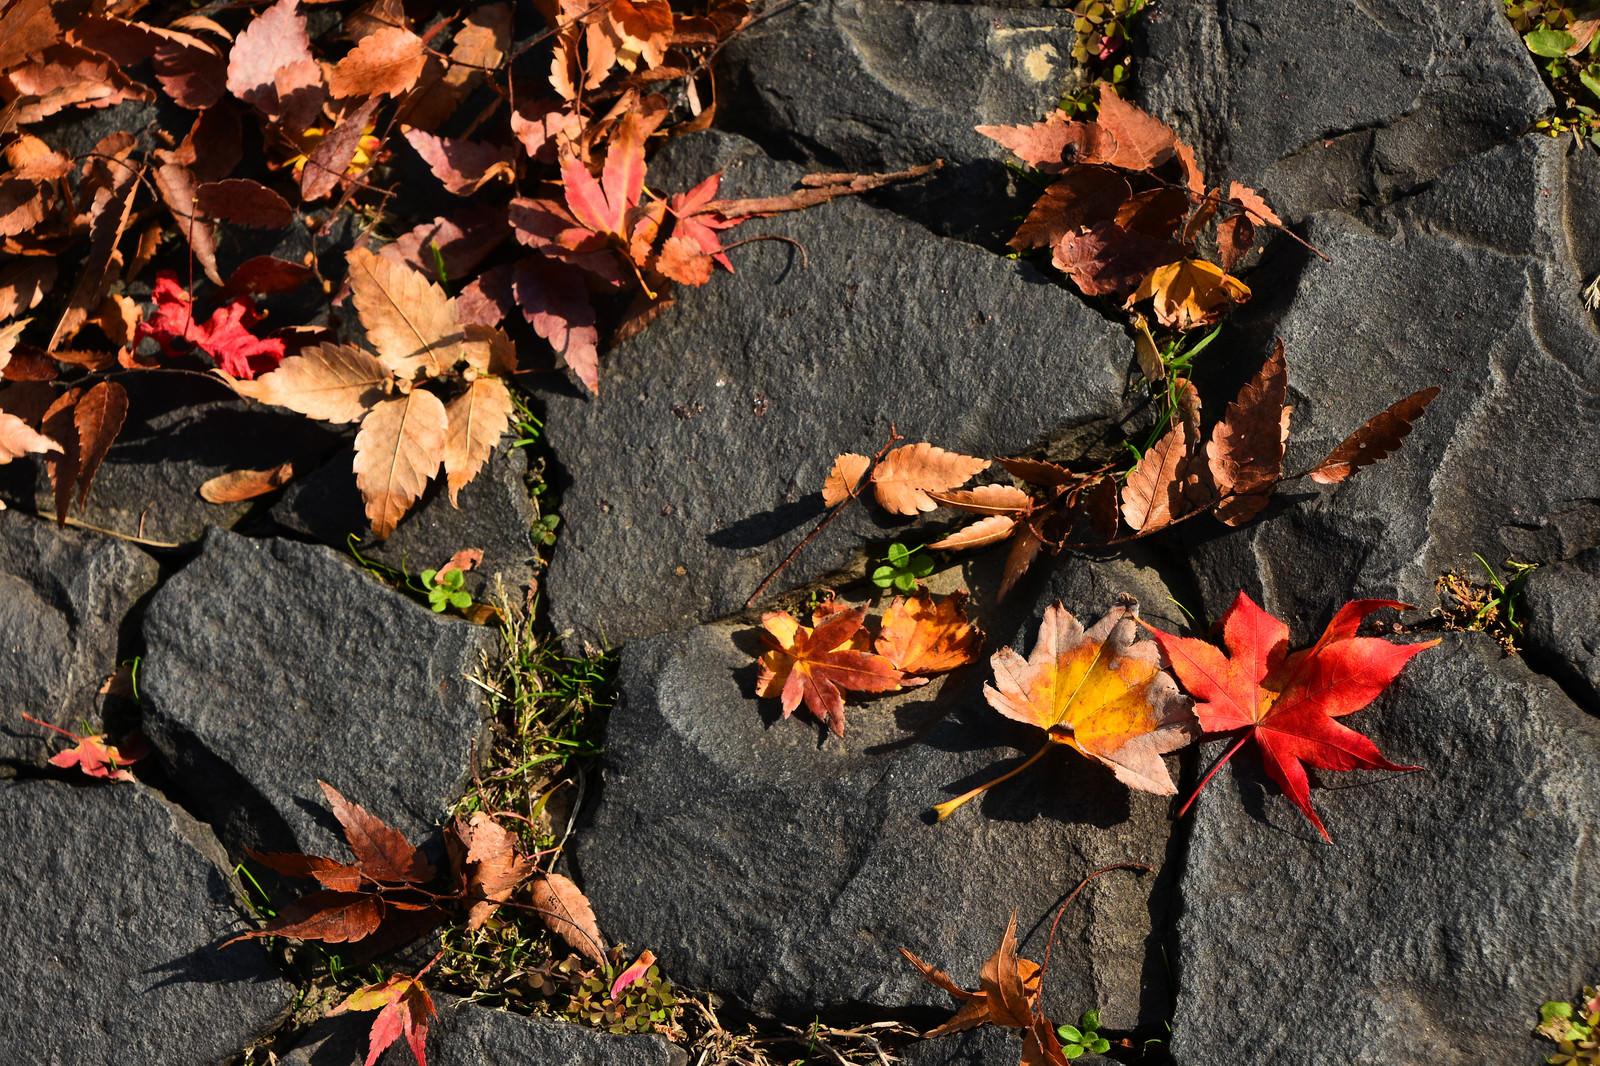 「石畳に落ちる枯葉」の写真